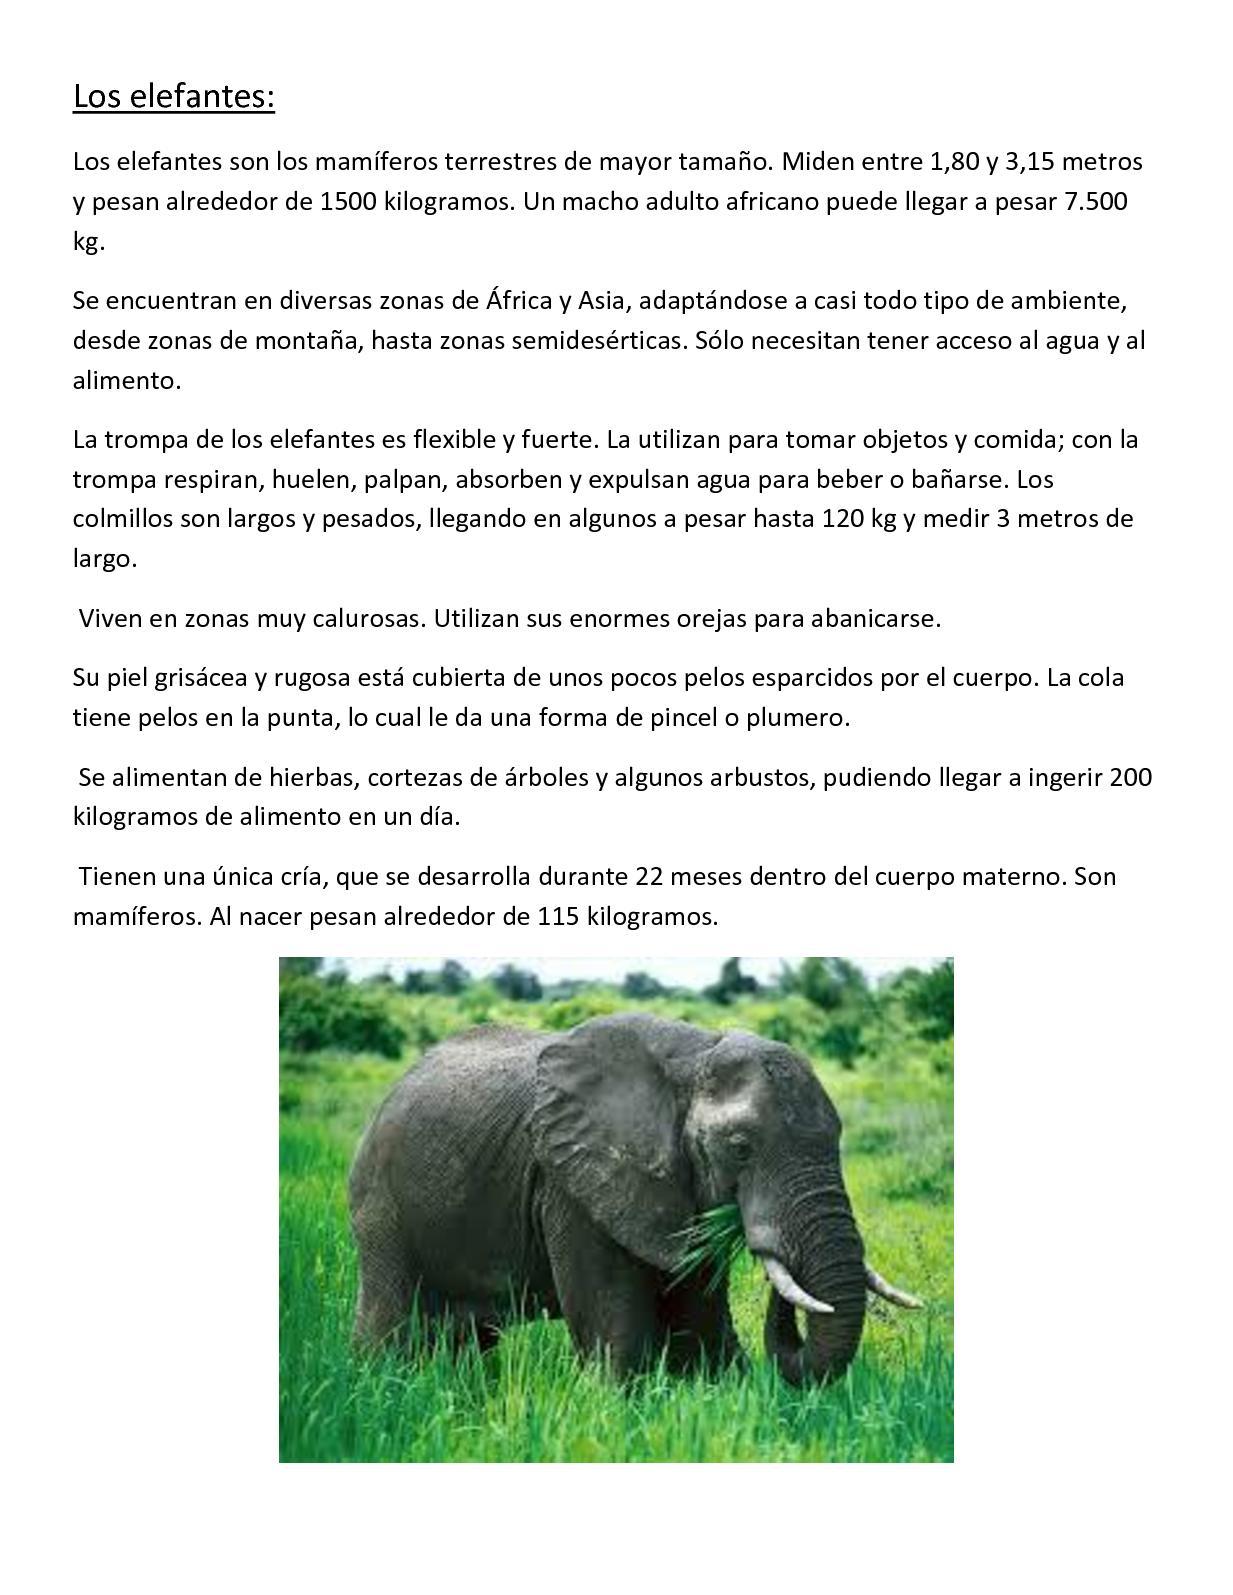 Calam o 4 a ficha t cnica elefante for Objetos para banarse